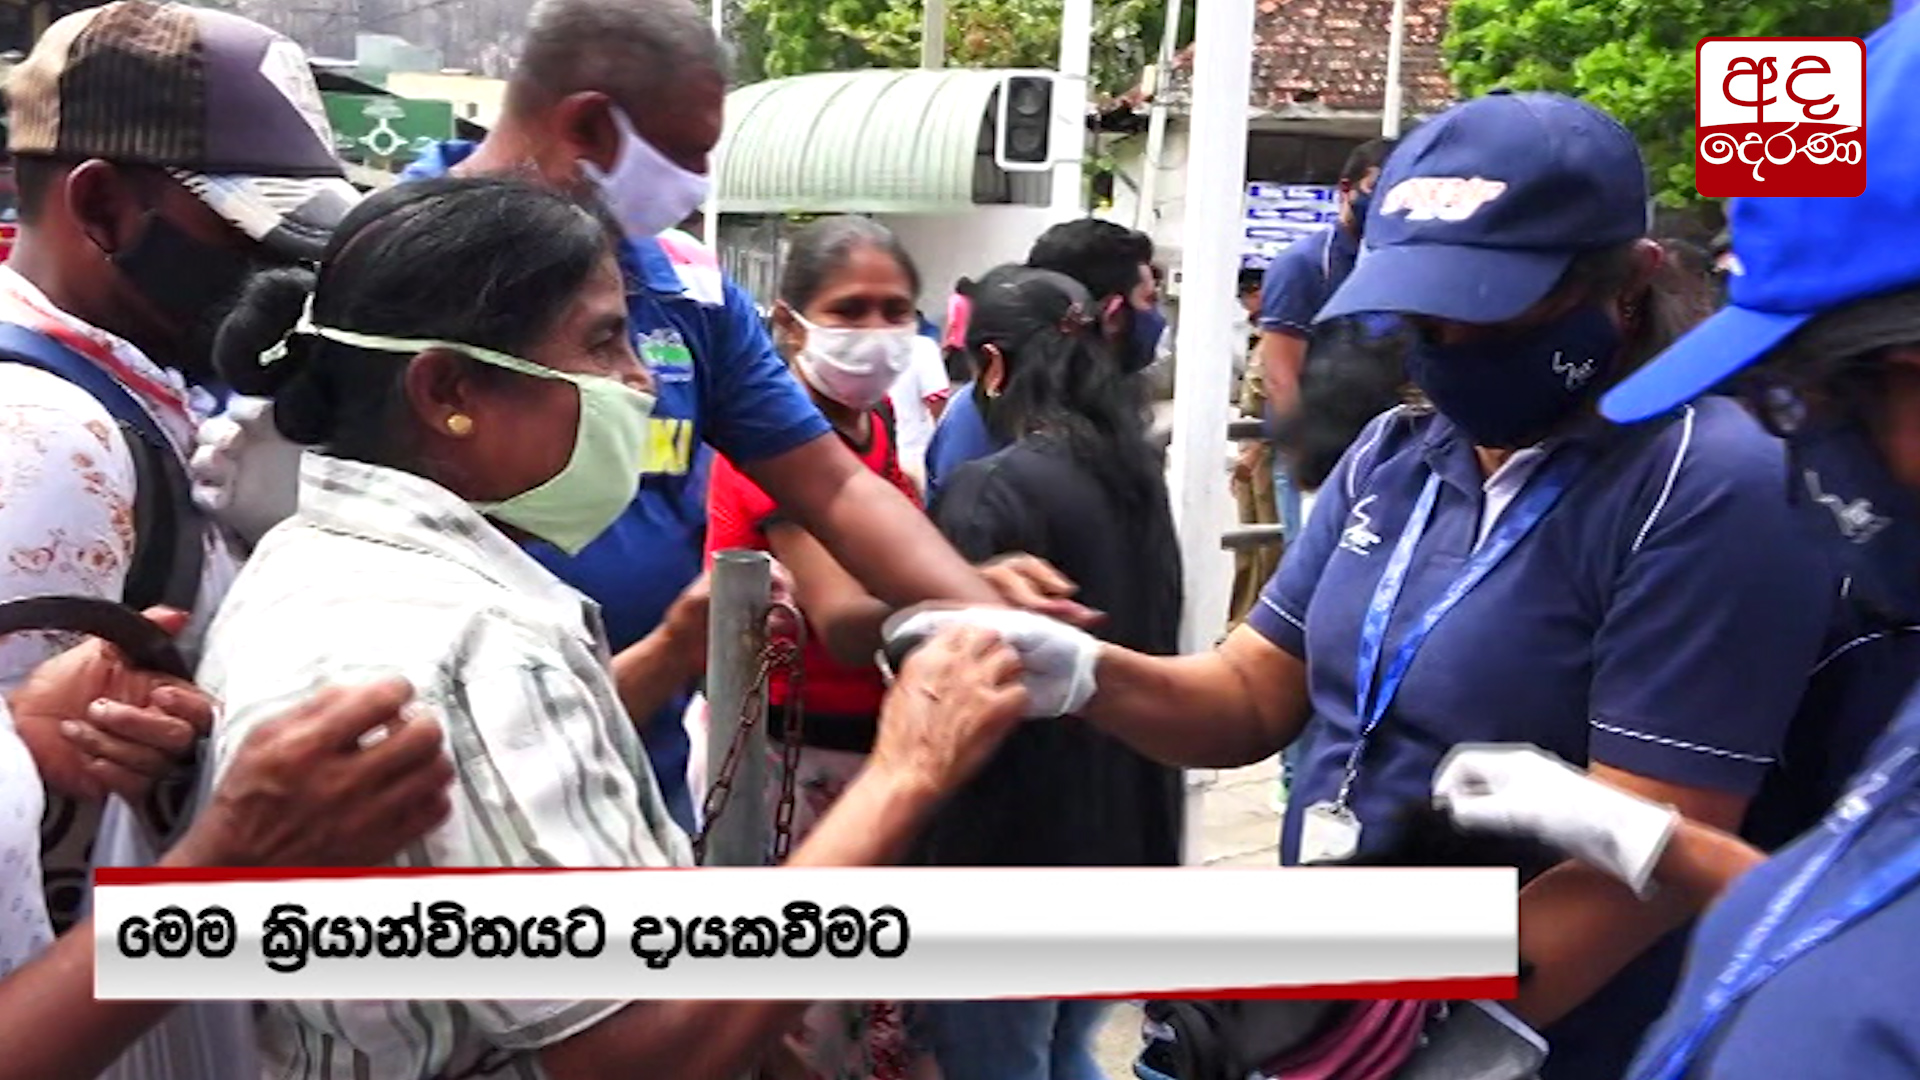 Manusath Derana in Kurunegala